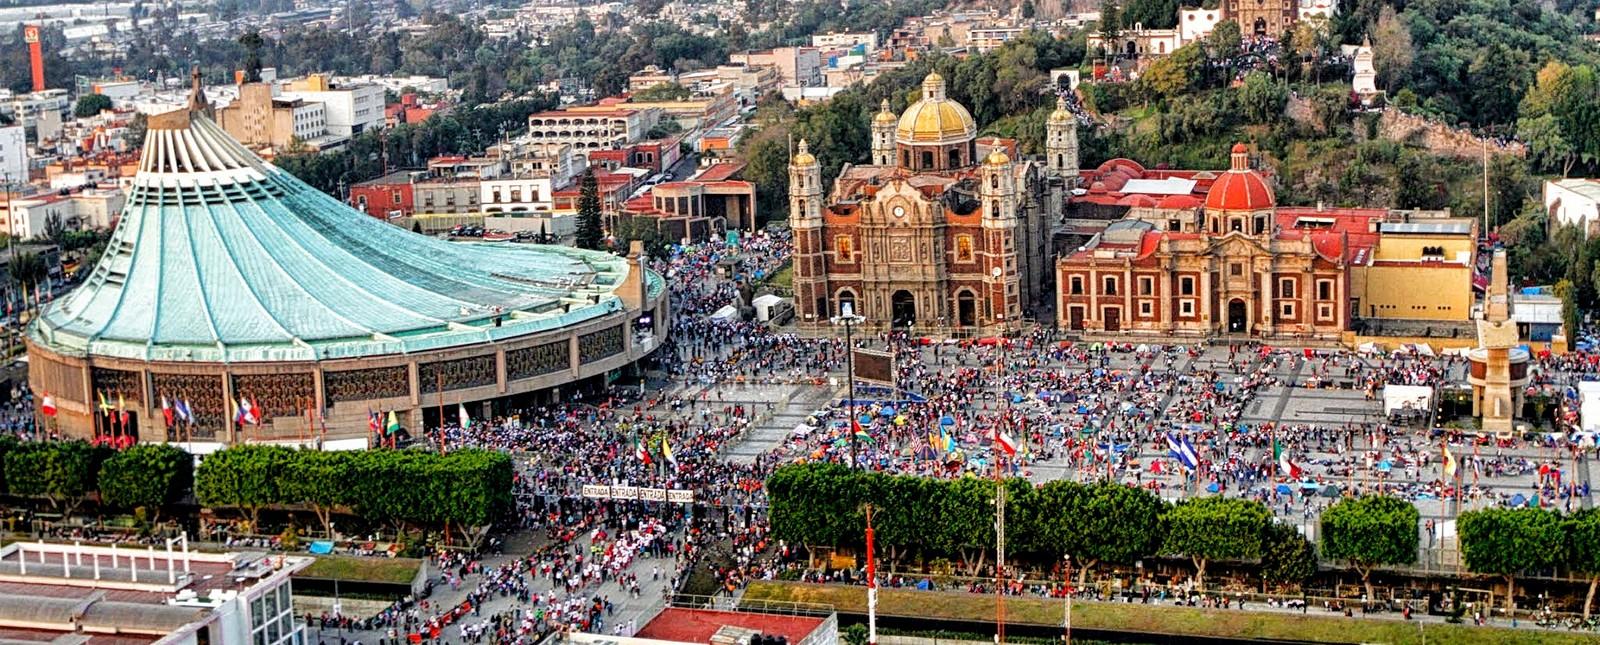 El Santuario de la Emperatriz de las Américas: la Basílica de Guadalupe del Tepeyac